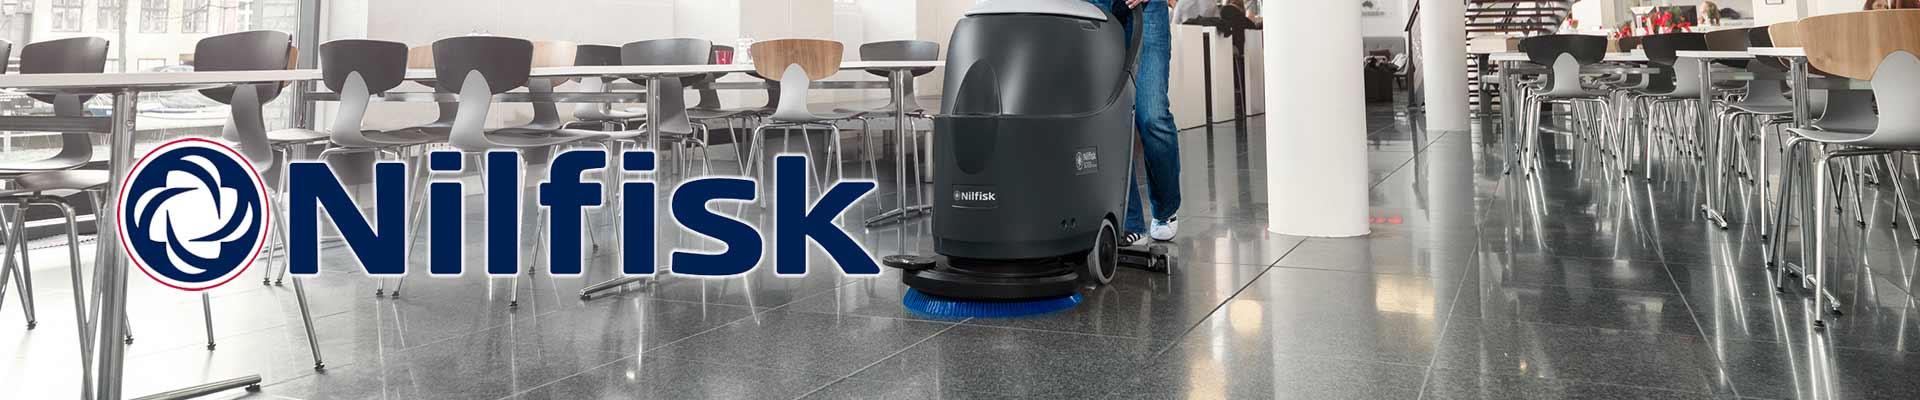 Nilfisk - mašine za čišćenje